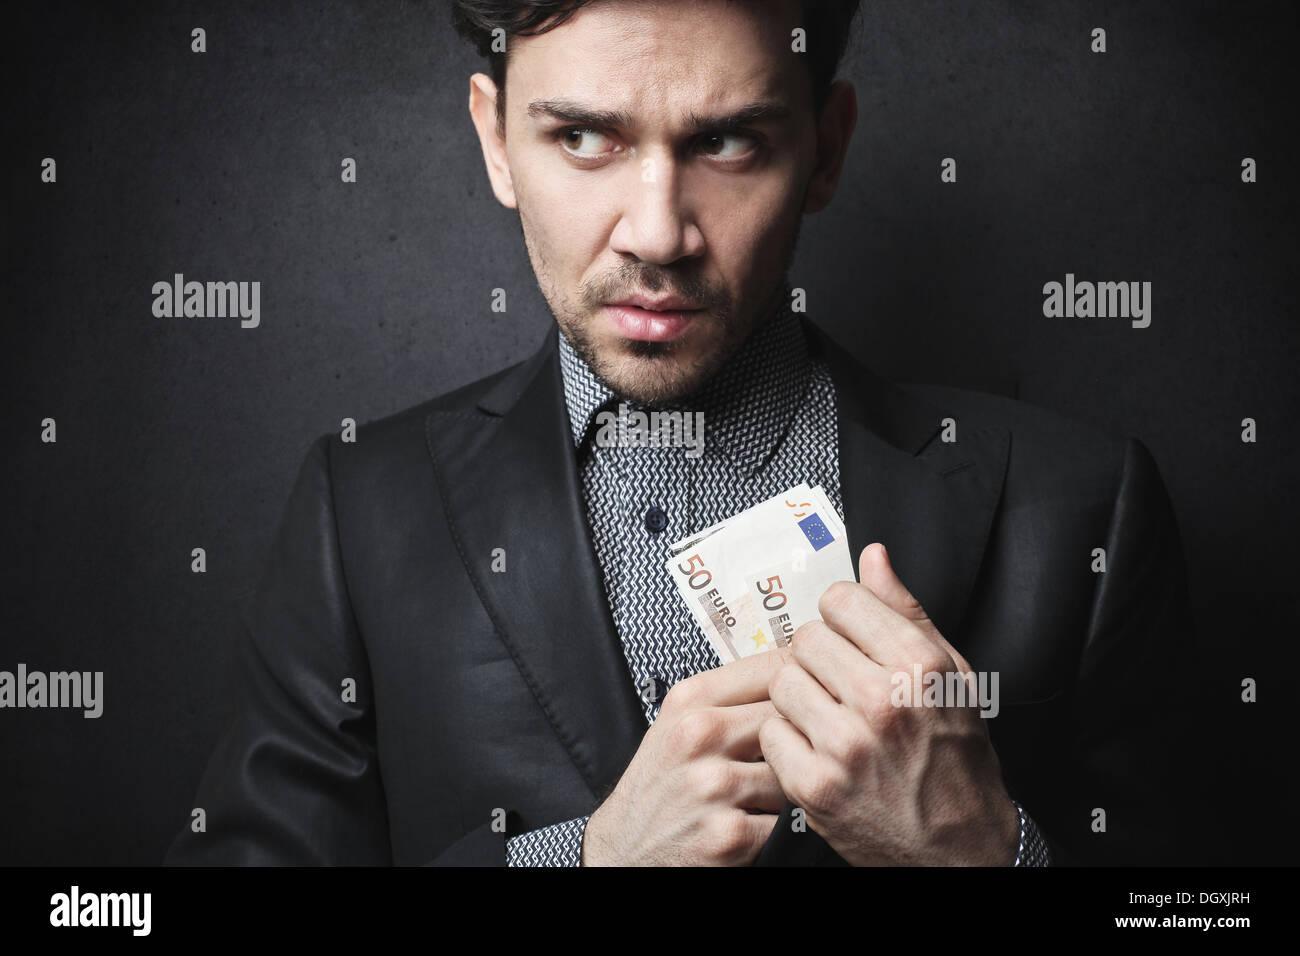 Eleganten Mann fünfzig Euro-Banknoten in seinem Jackett versteckt Stockbild